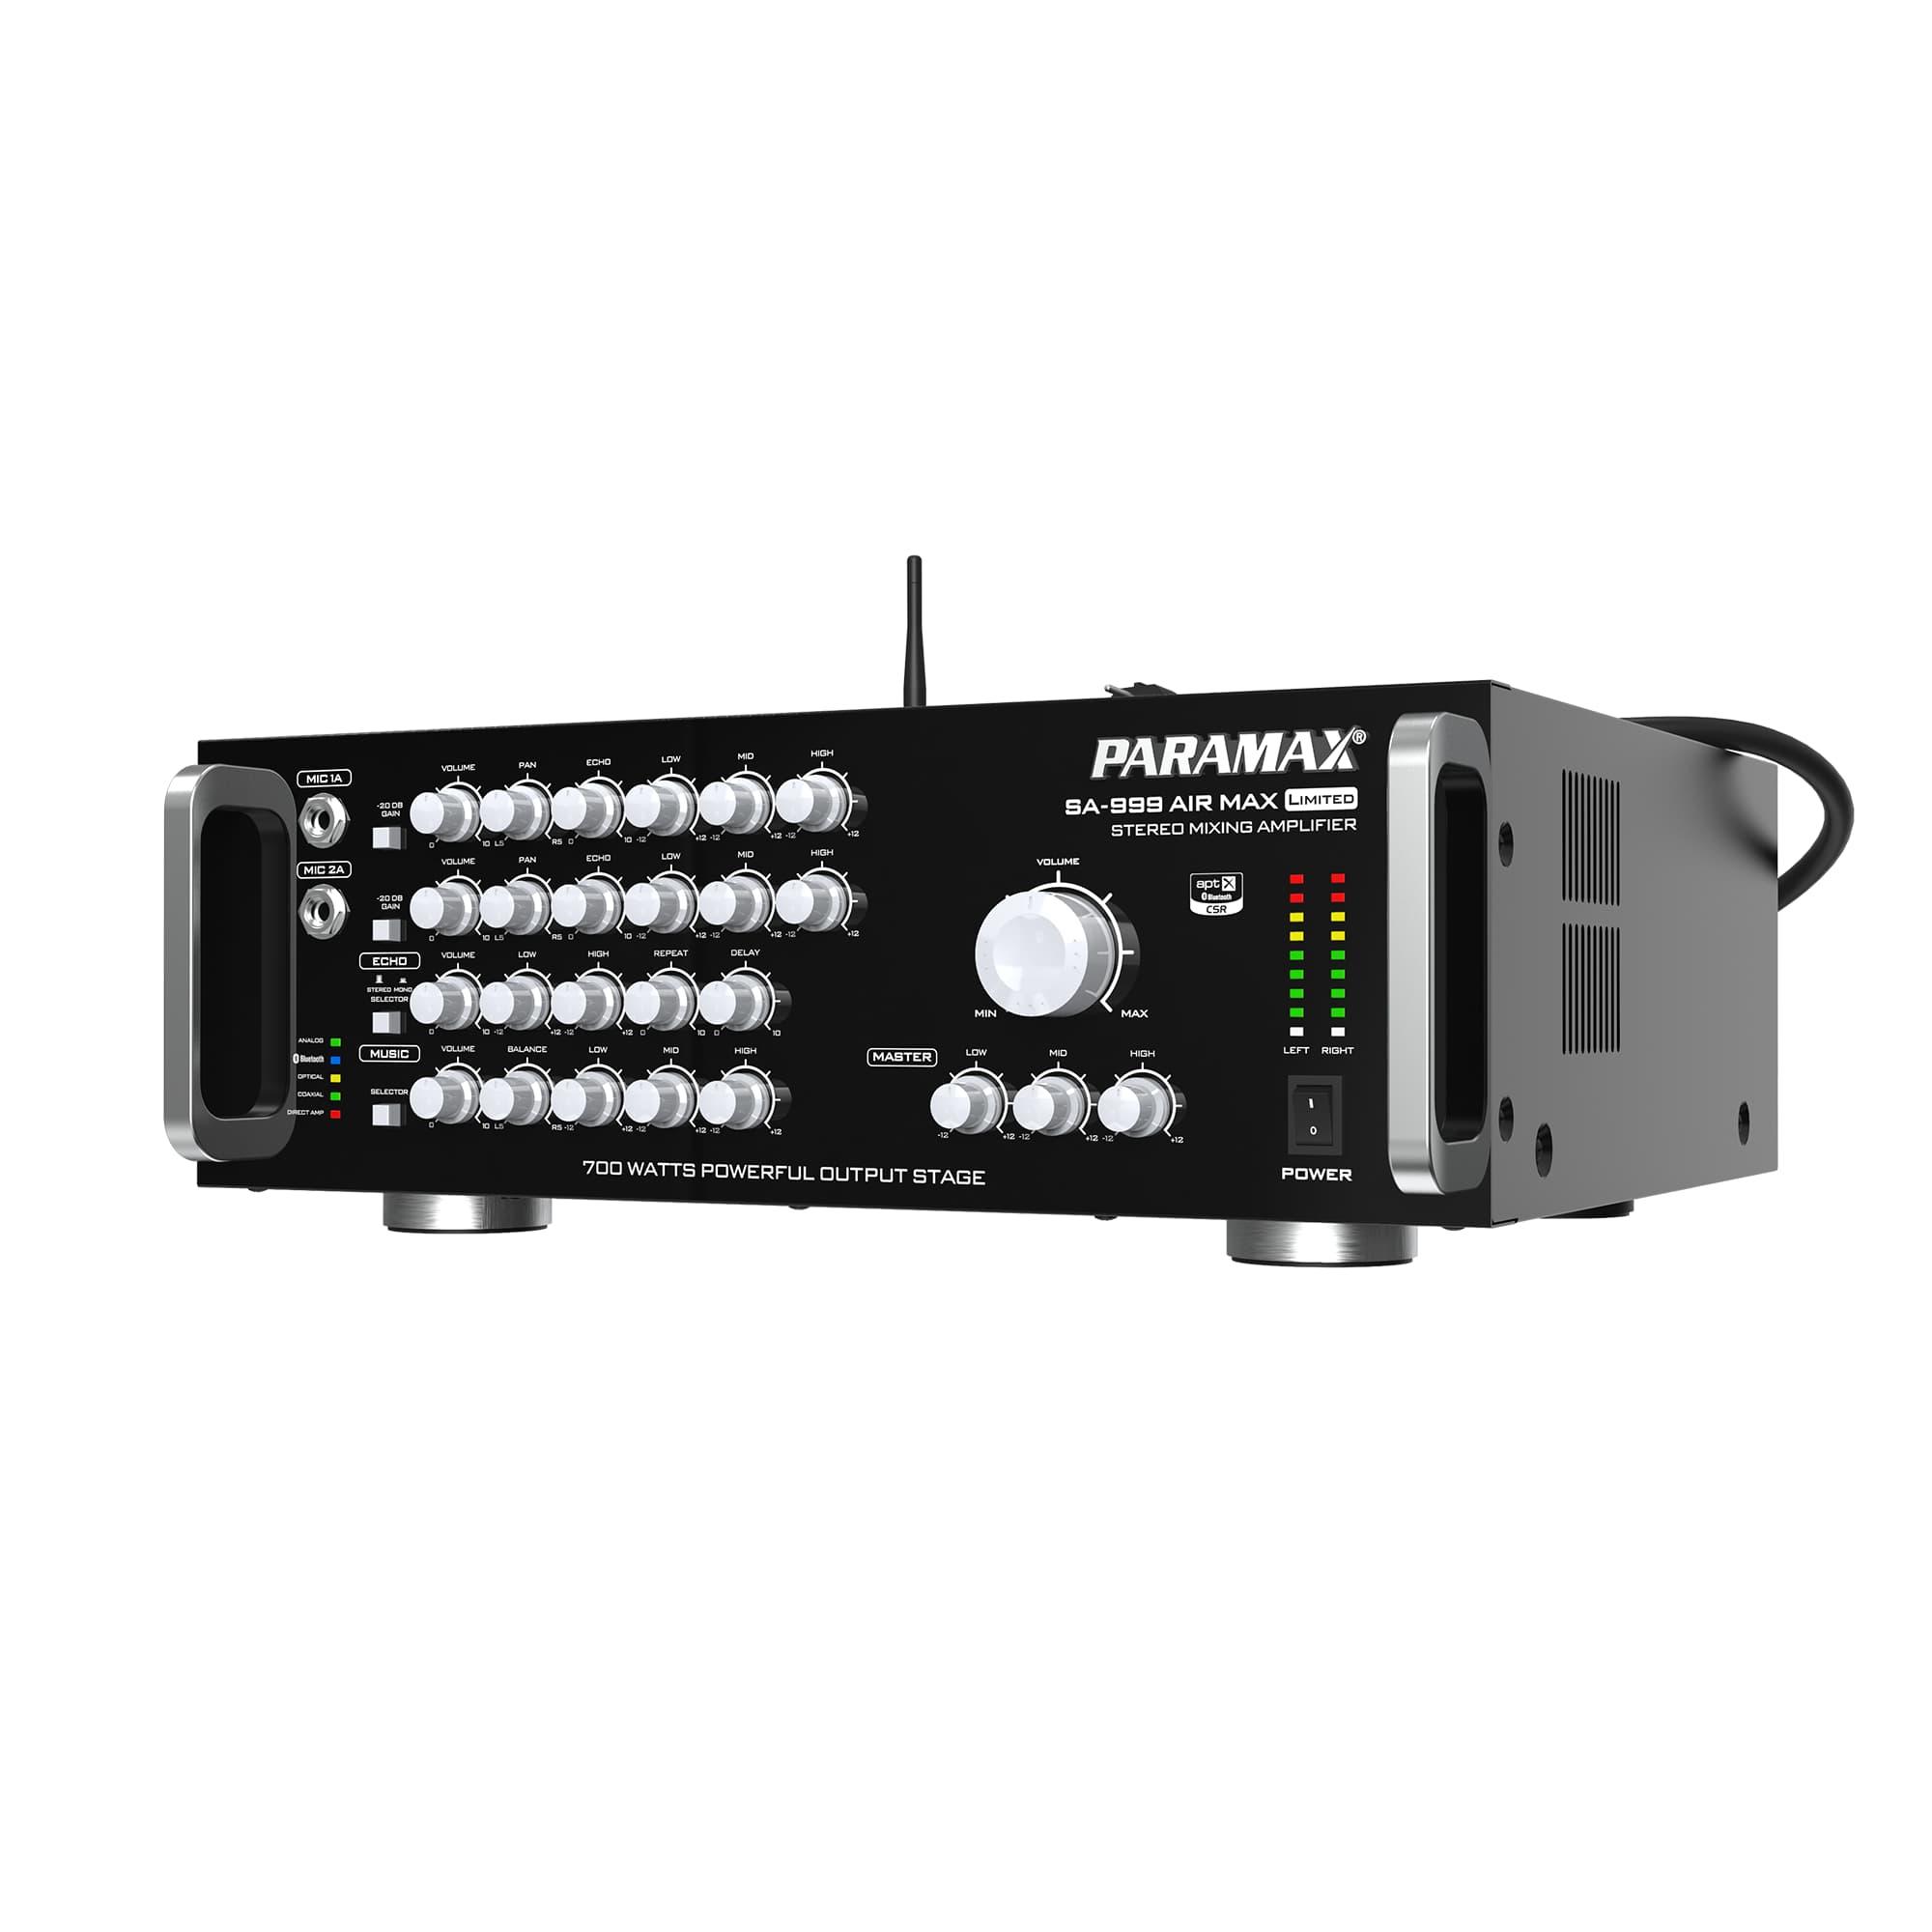 Amply Paramax SA-999 AIR MAX LIMITED chinh hang